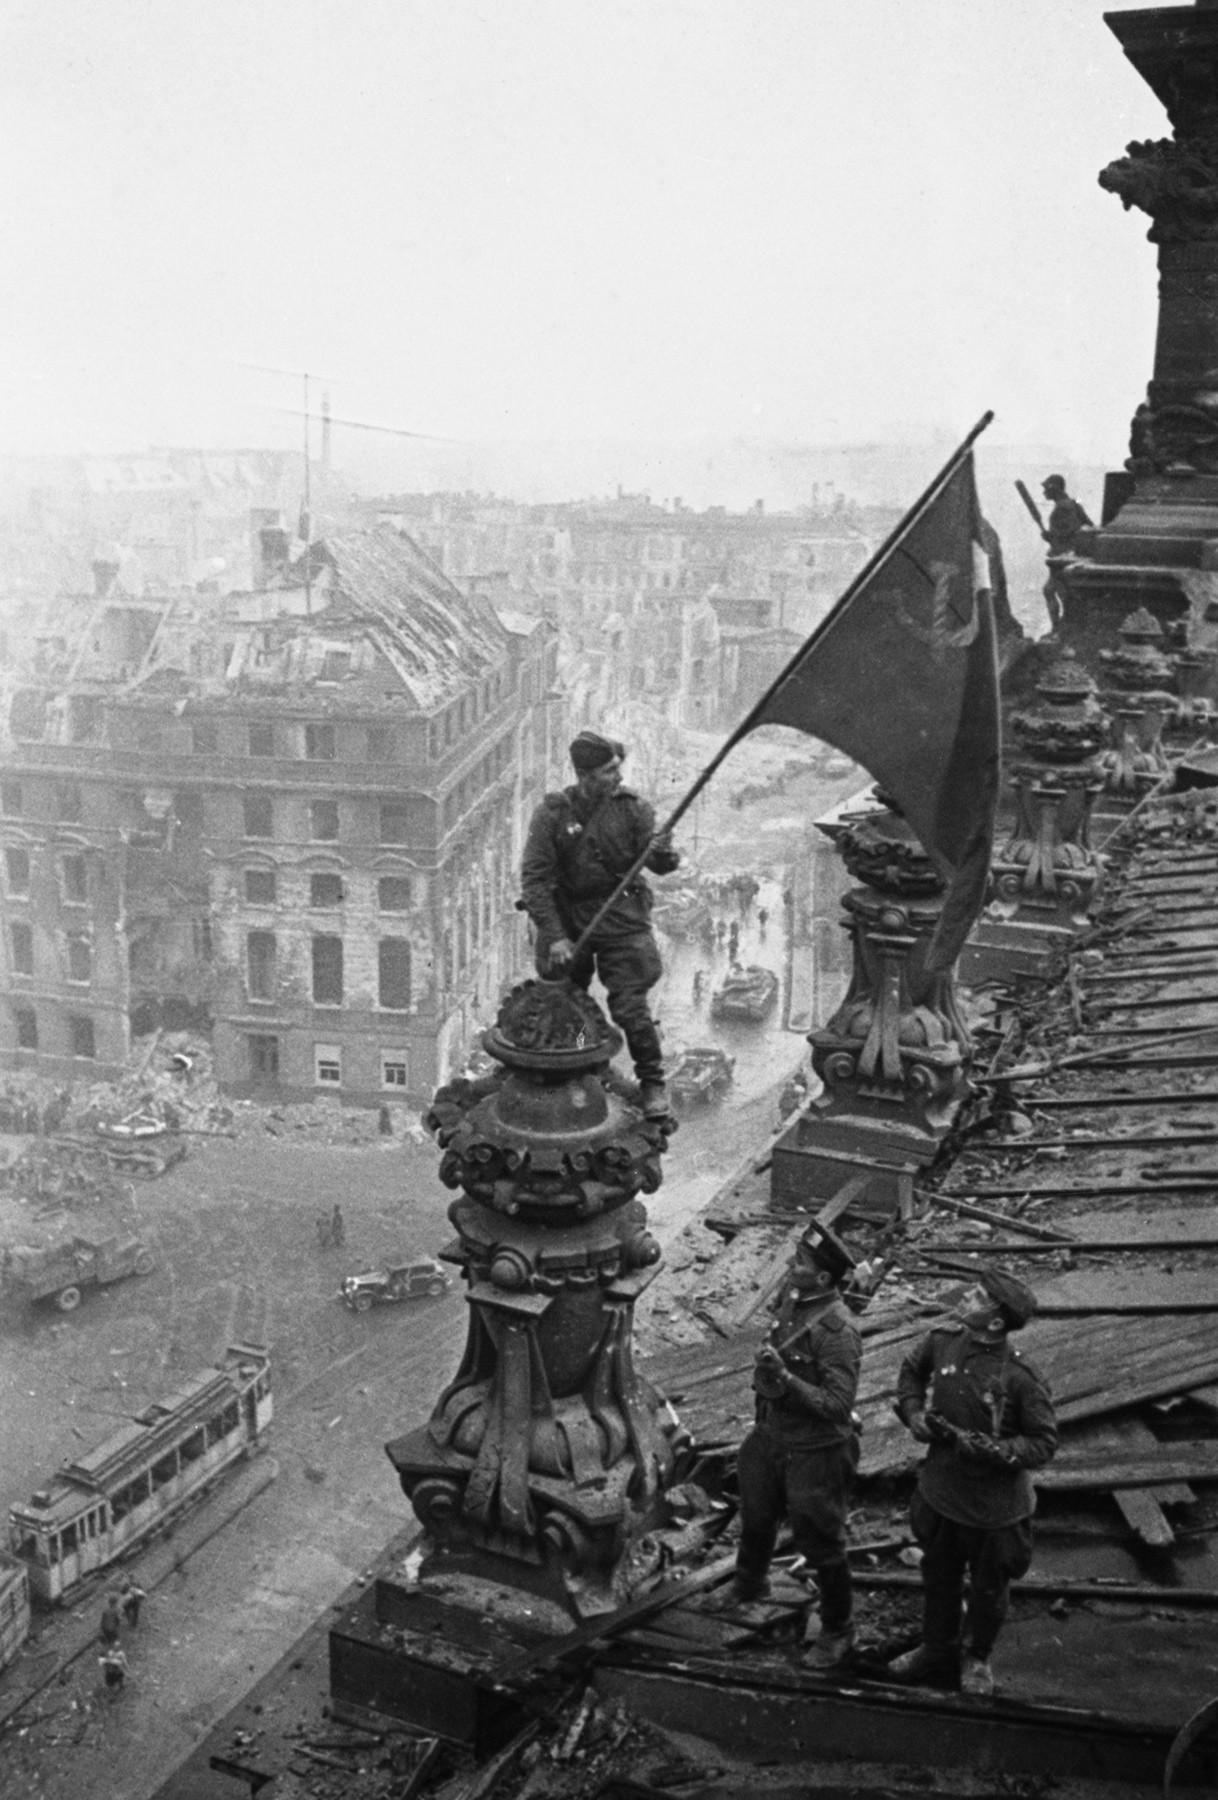 Знамя Победы над Берлином, один из снимков.